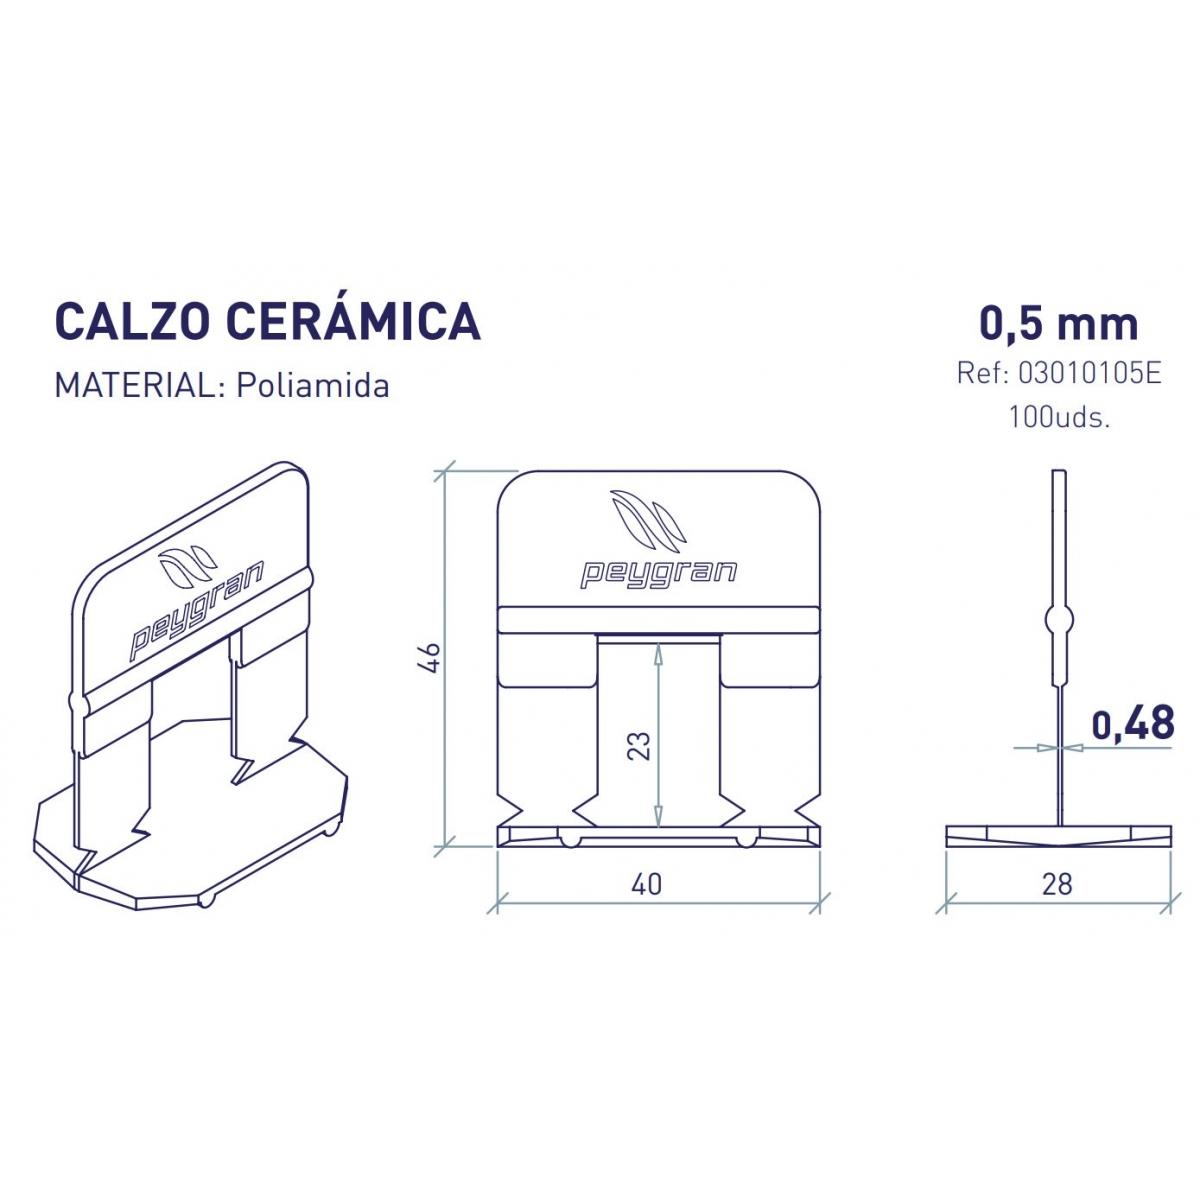 Peygran Calzo de Peygran de 0,5 mm (Bolsa de 300 unidades)